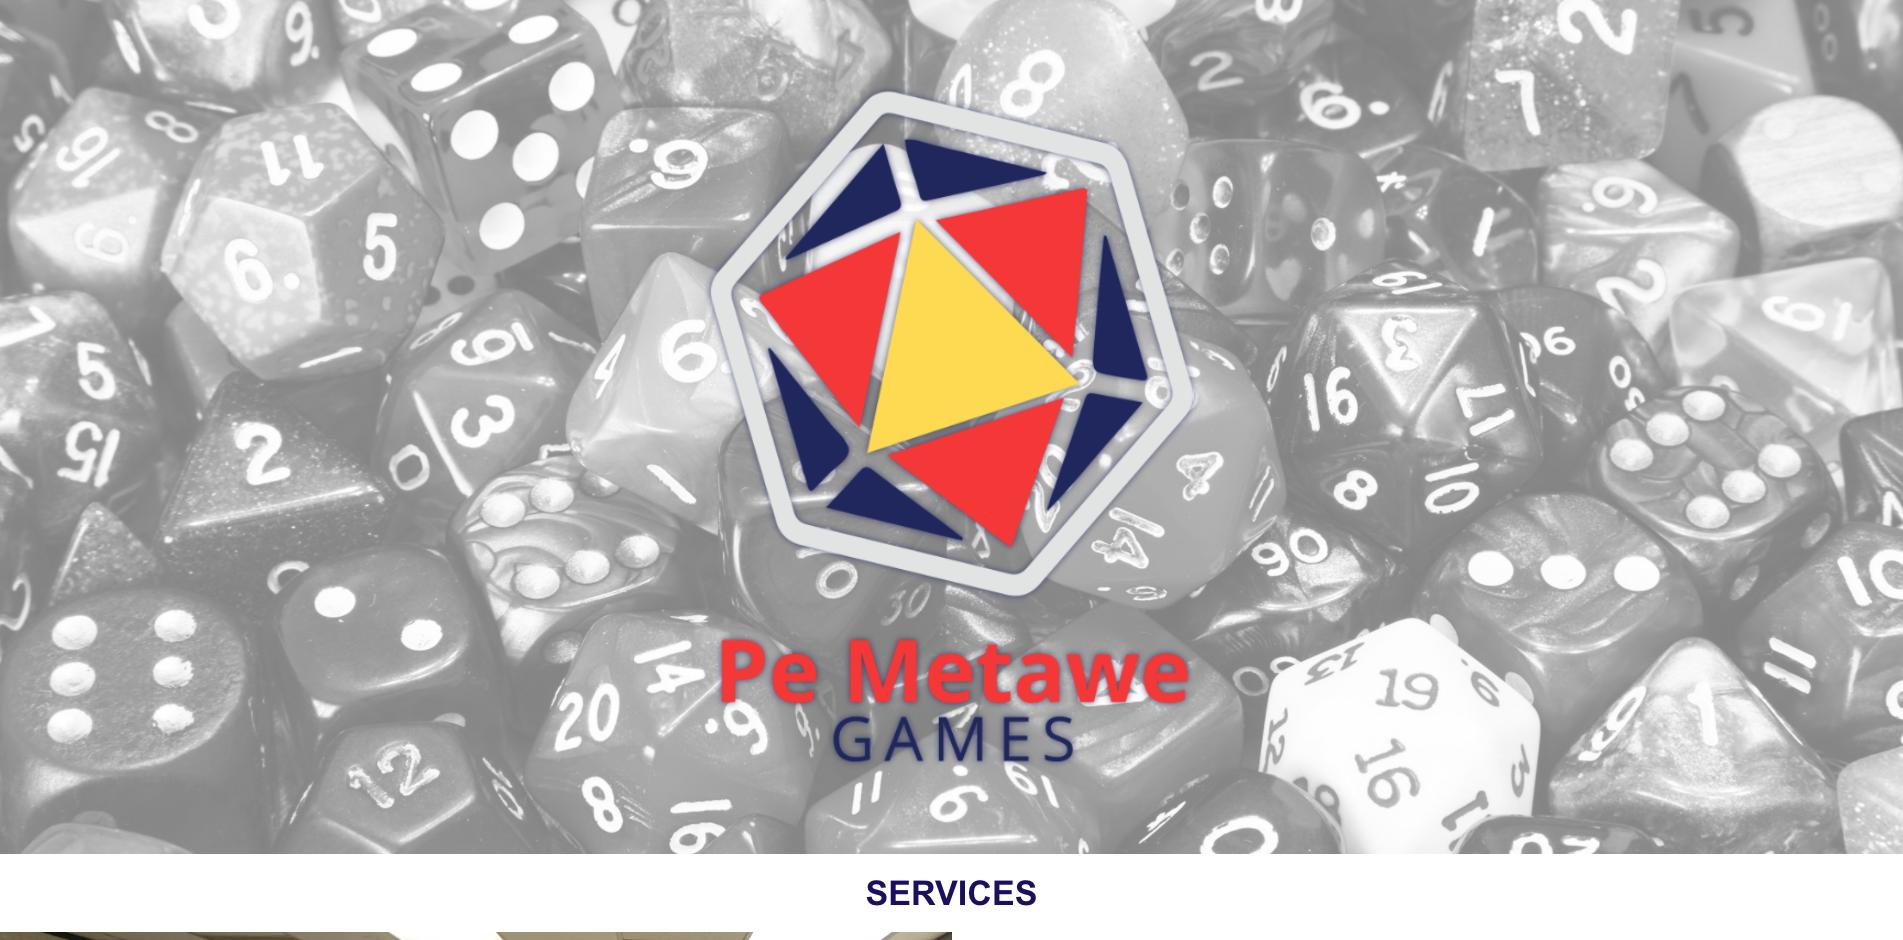 Pe Metawe Games